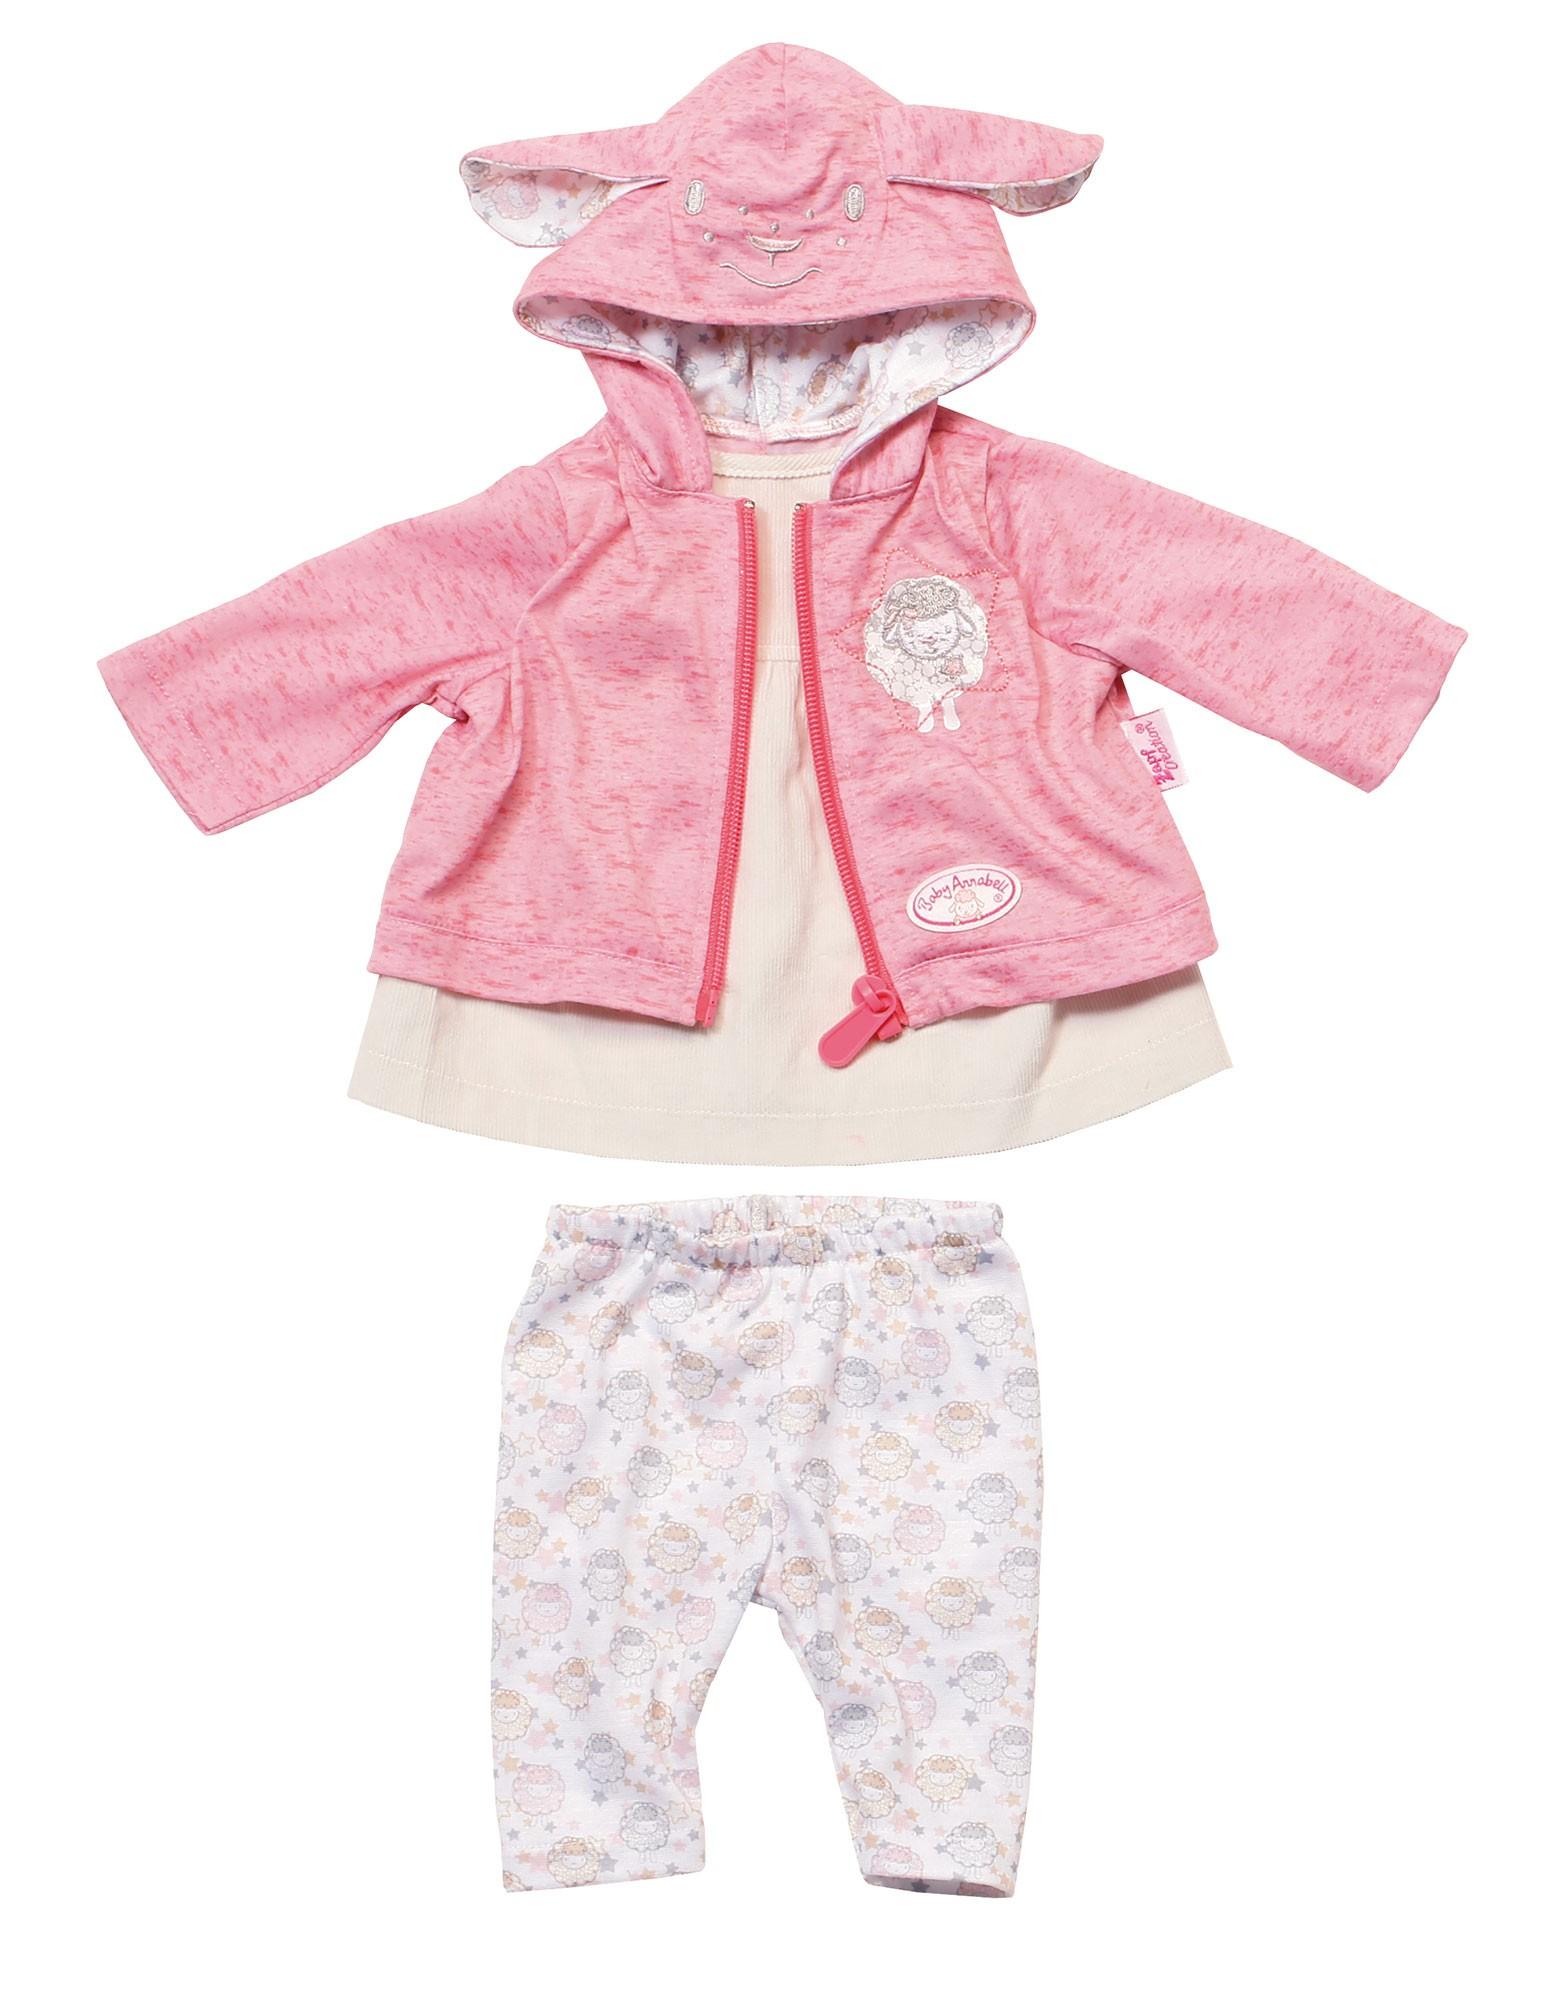 Одежда для прогулки для Baby Annabell Zapf Creation